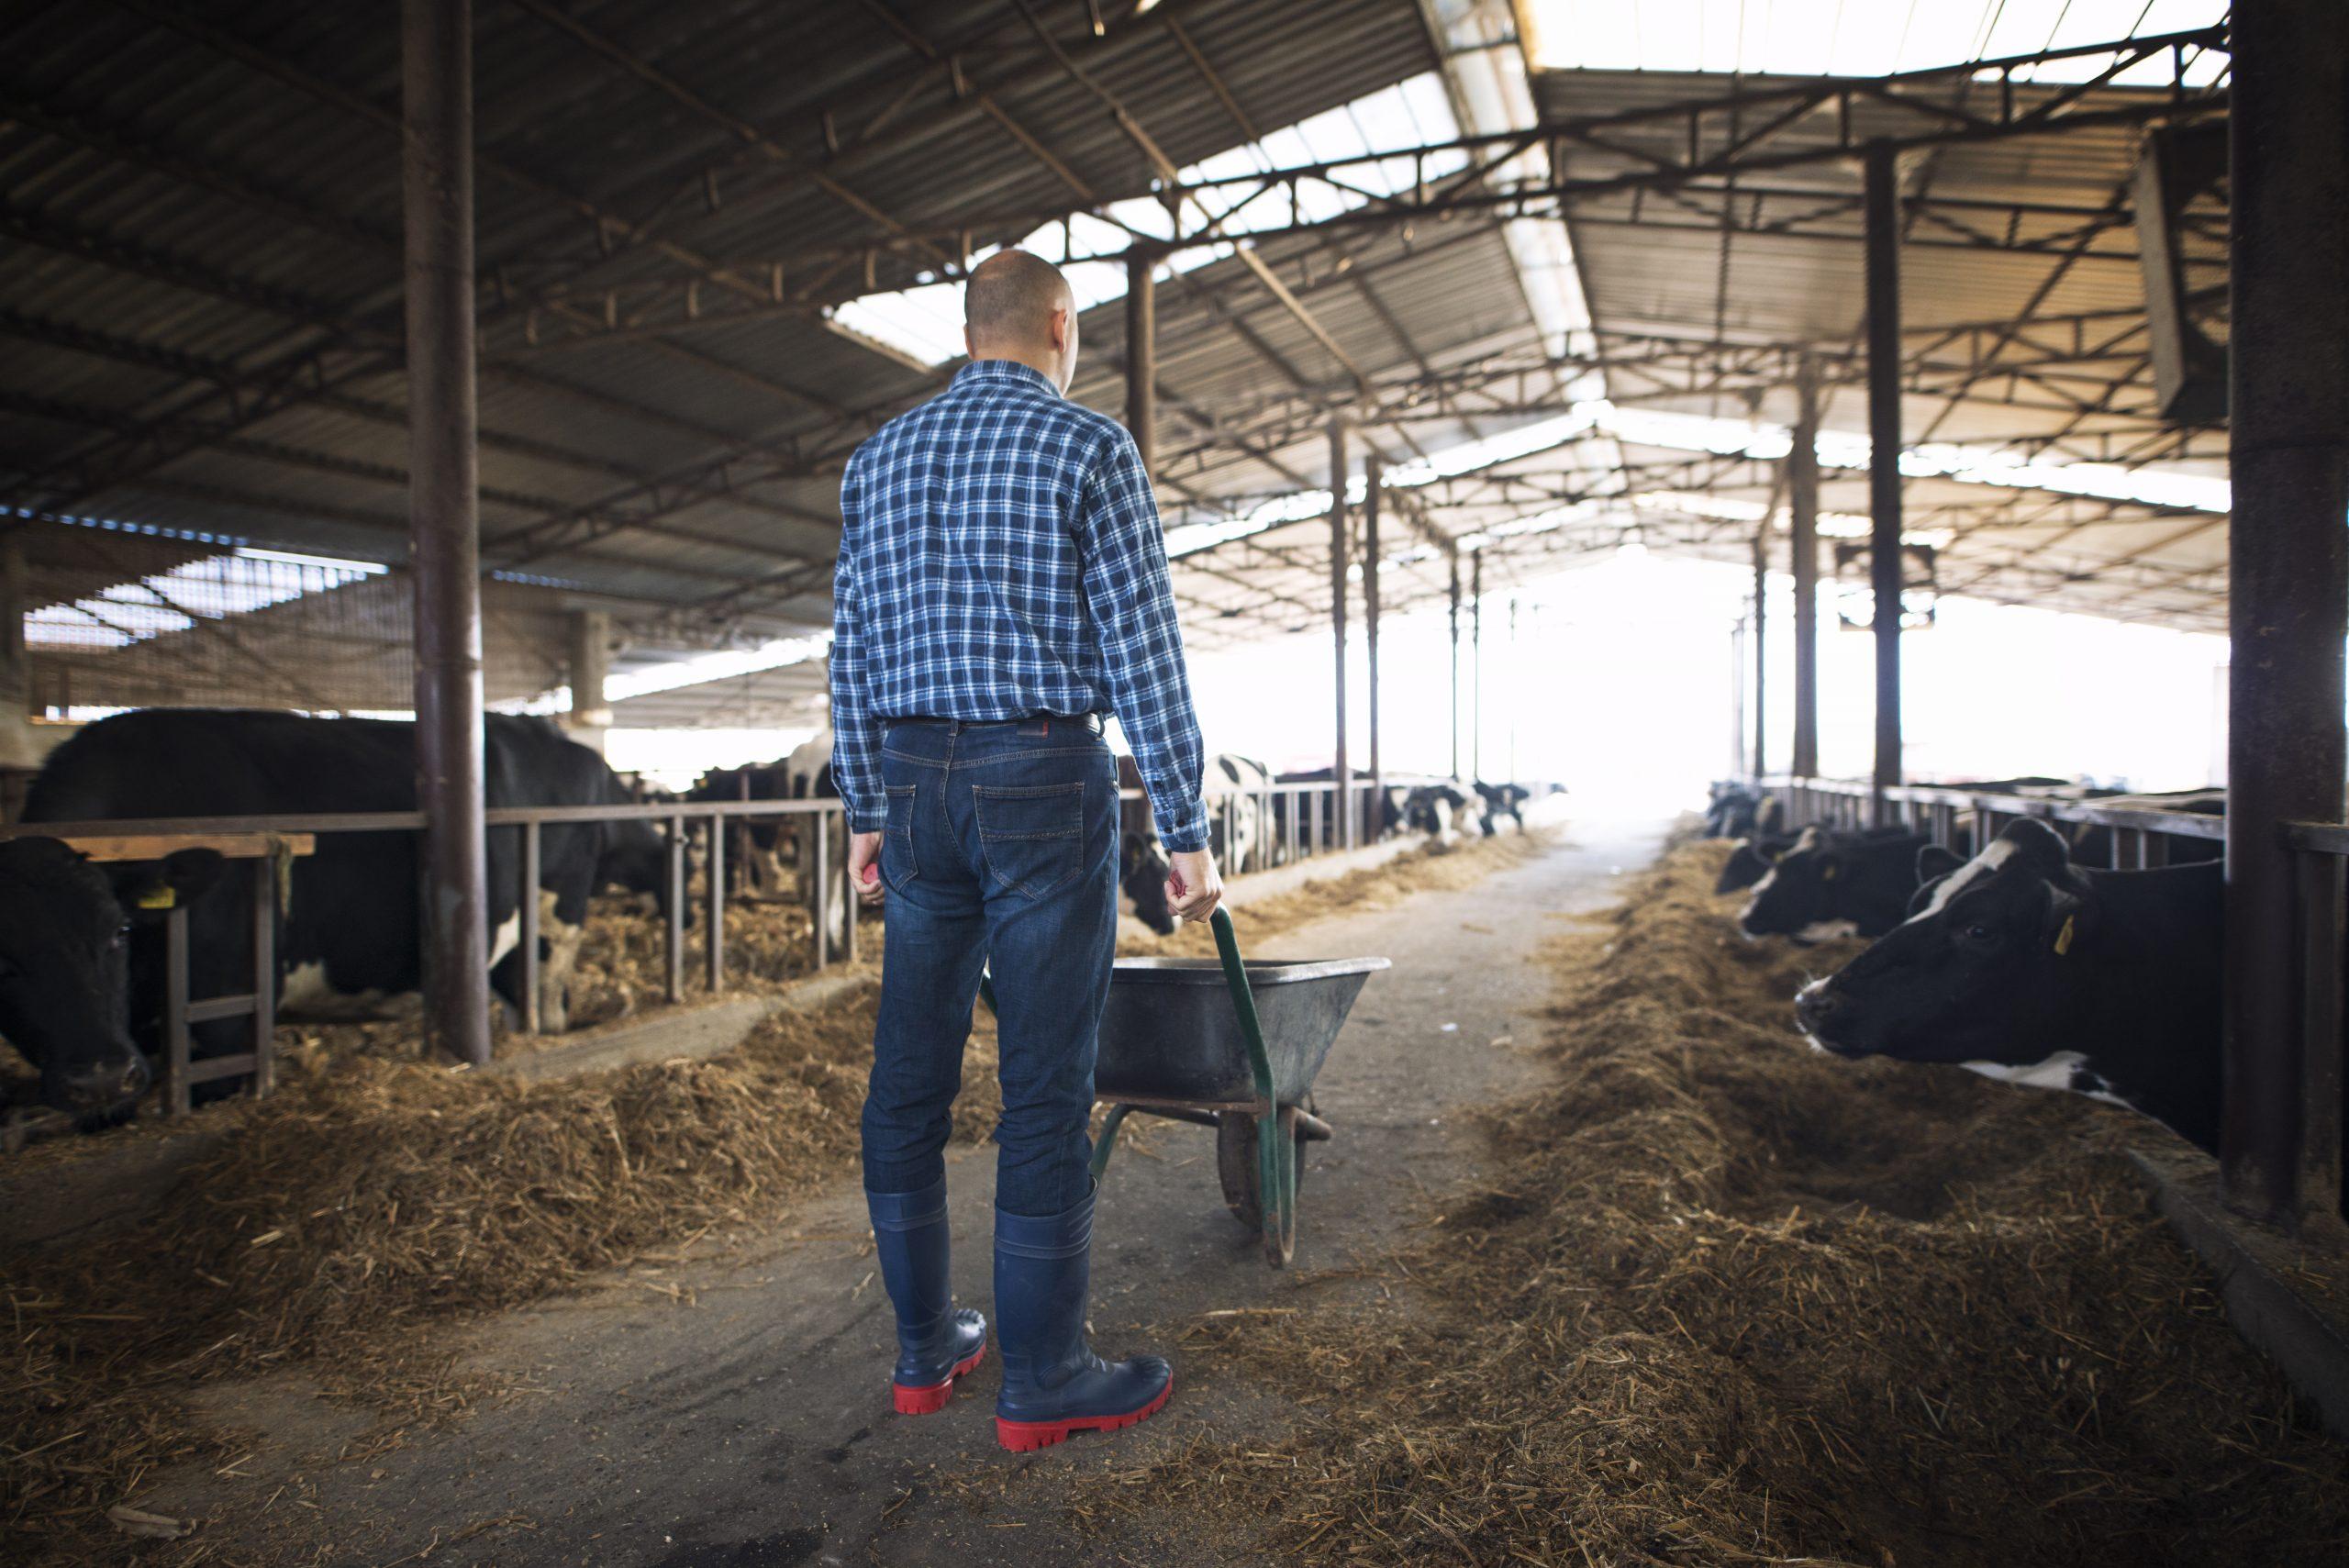 Farmer with wheelbarrow full of hay feeding cows at cattle domestic animal farm.